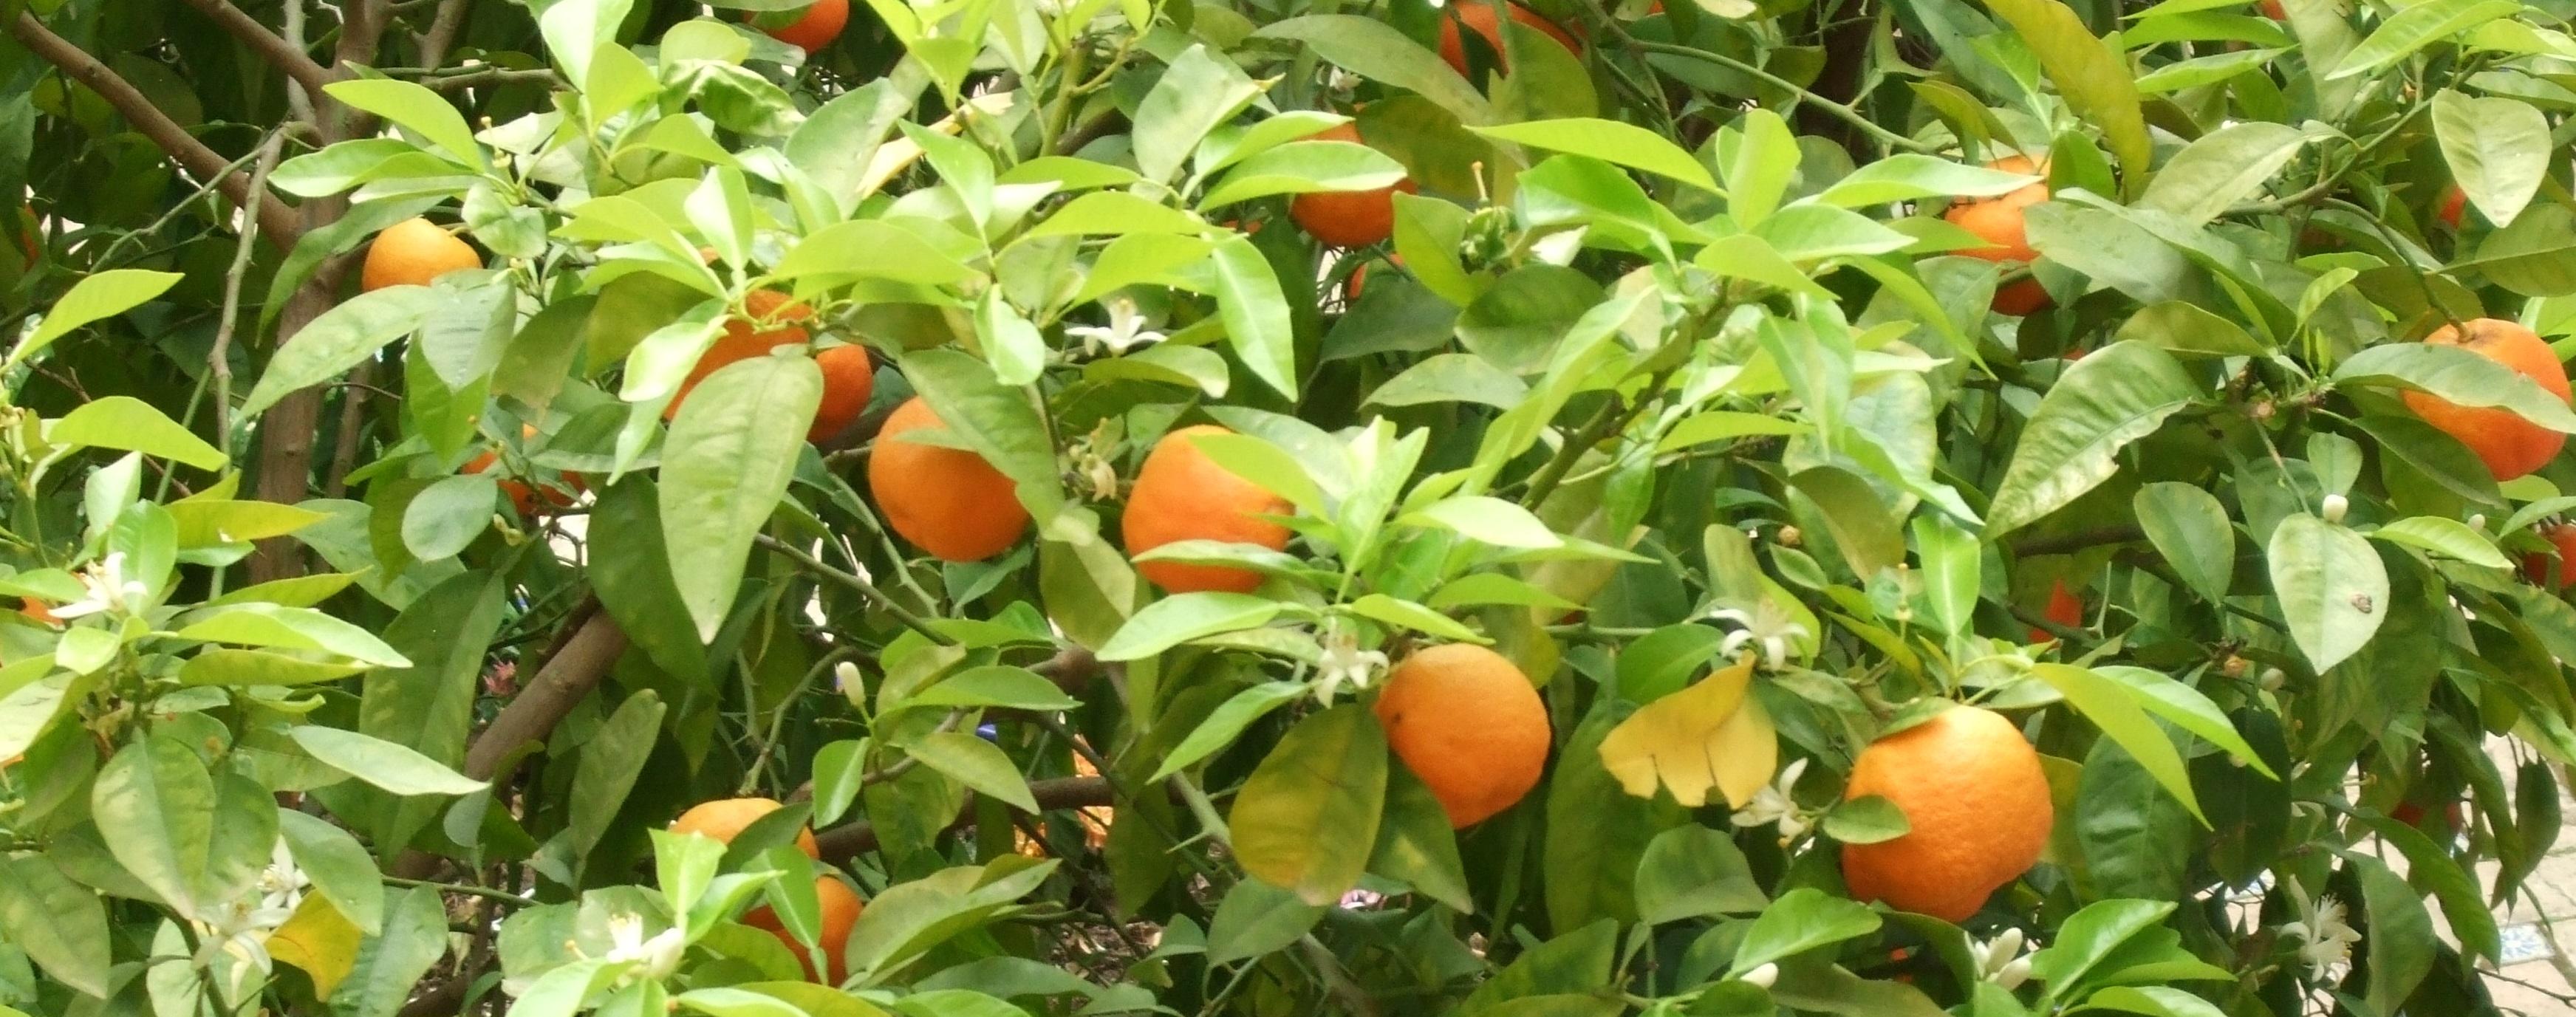 Wilde Sinaasappel